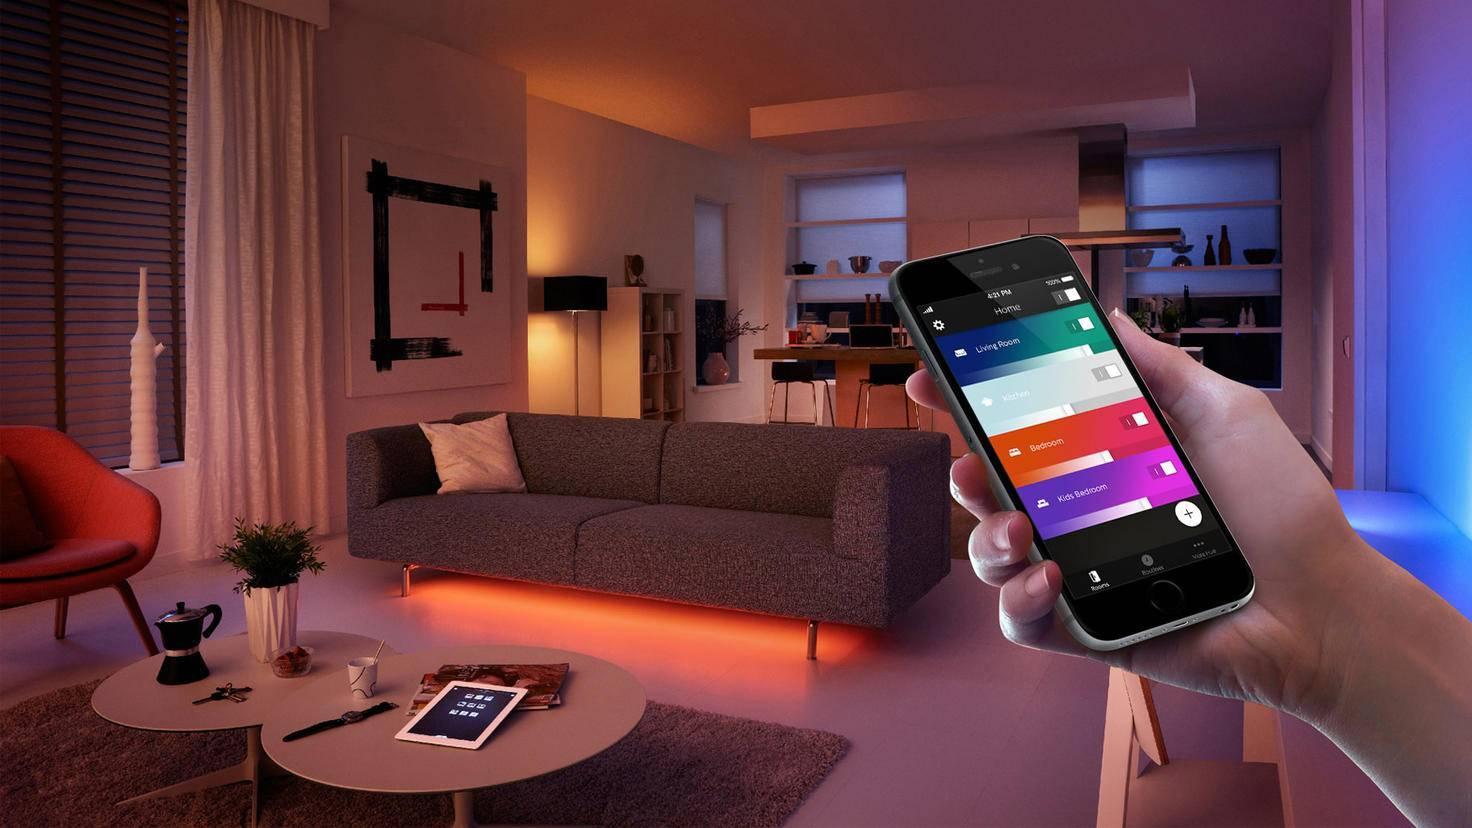 hue-app1